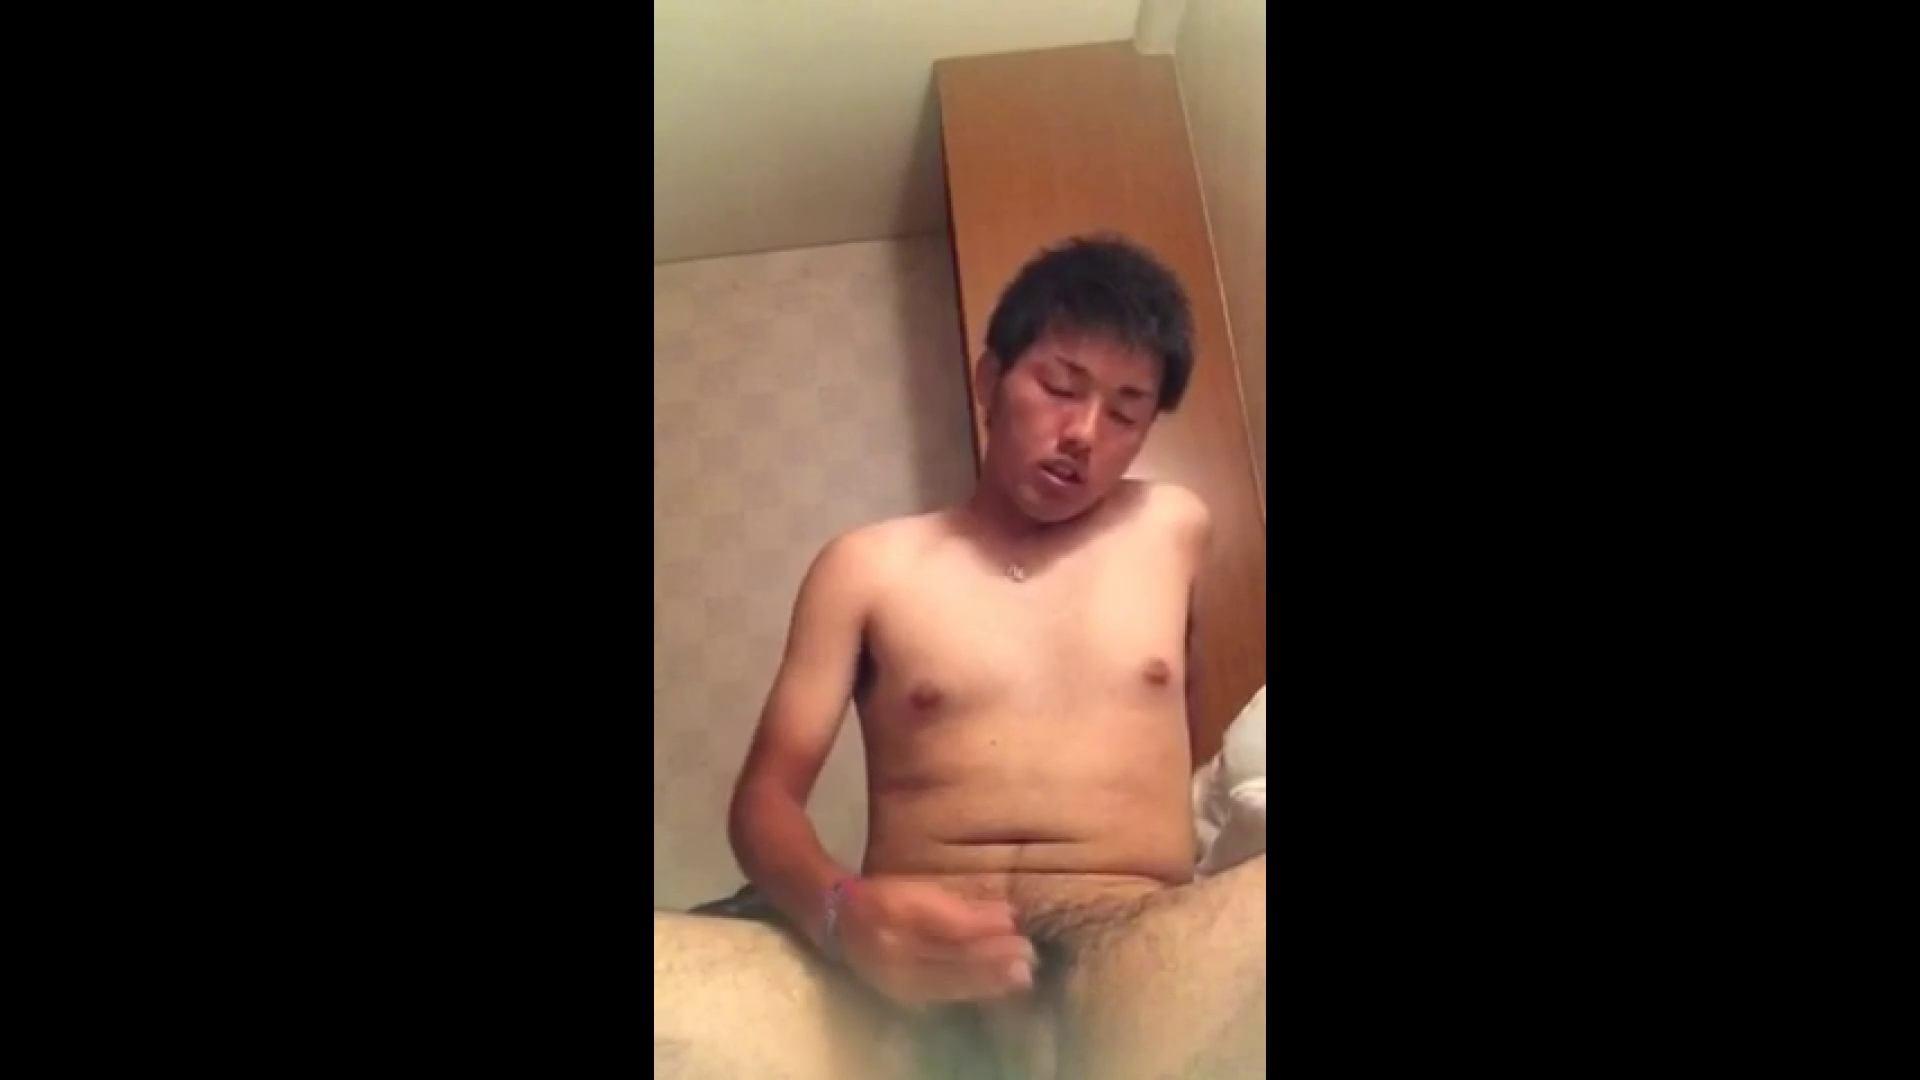 キター!ノンケちゃんオナニー特集vol.29 ノンケ天国 | お手で! ゲイアダルト画像 107pic 81